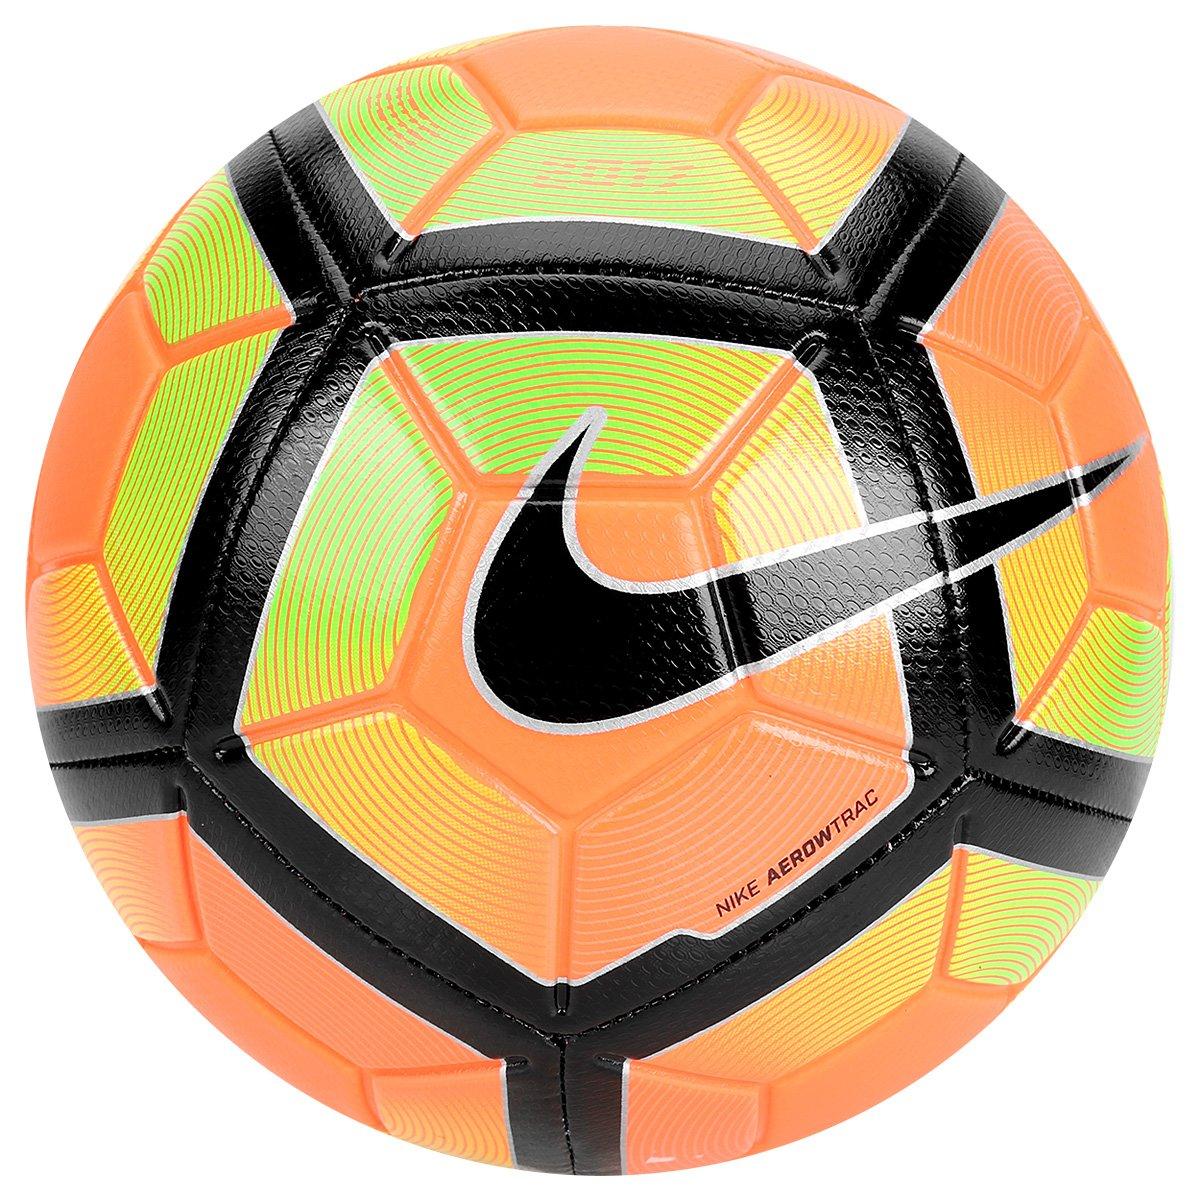 Bola Futebol Campo Nike Strike - Compre Agora  9f1bd4a1c0ed5